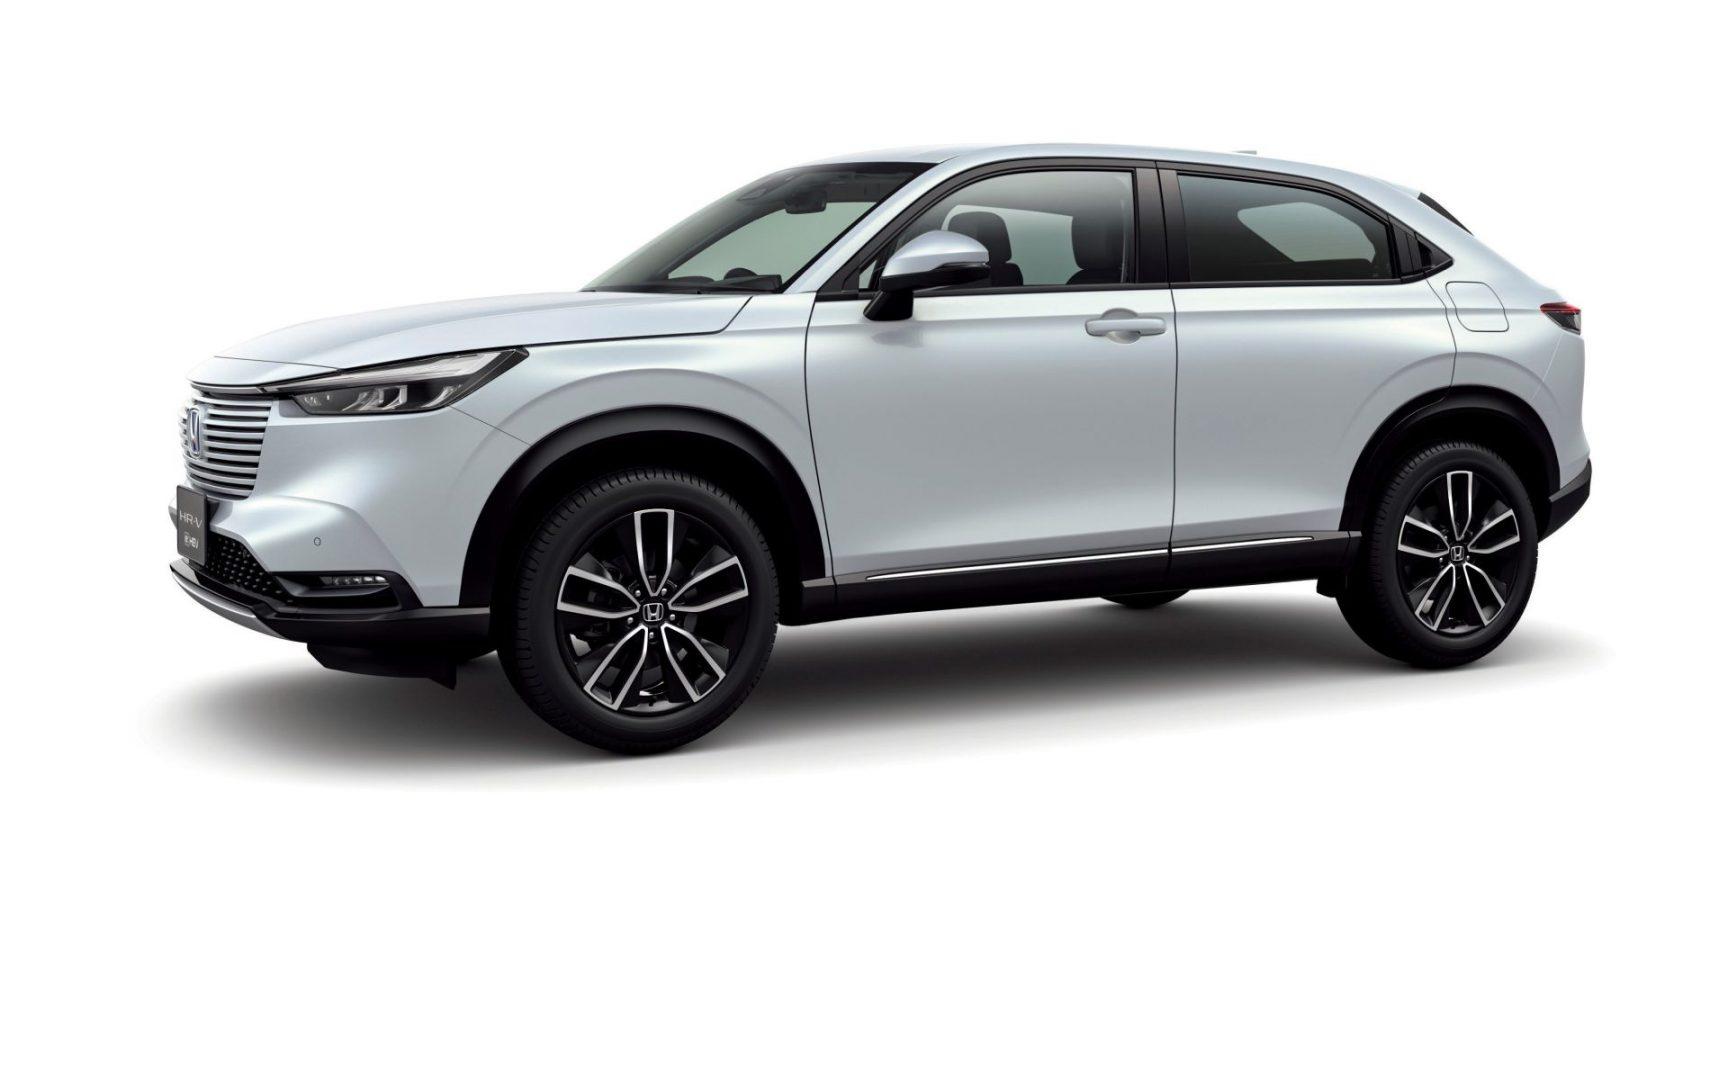 Ovo je nova Honda HR-V, a osim privlačnijeg dizajna donosi i hibridni sustav